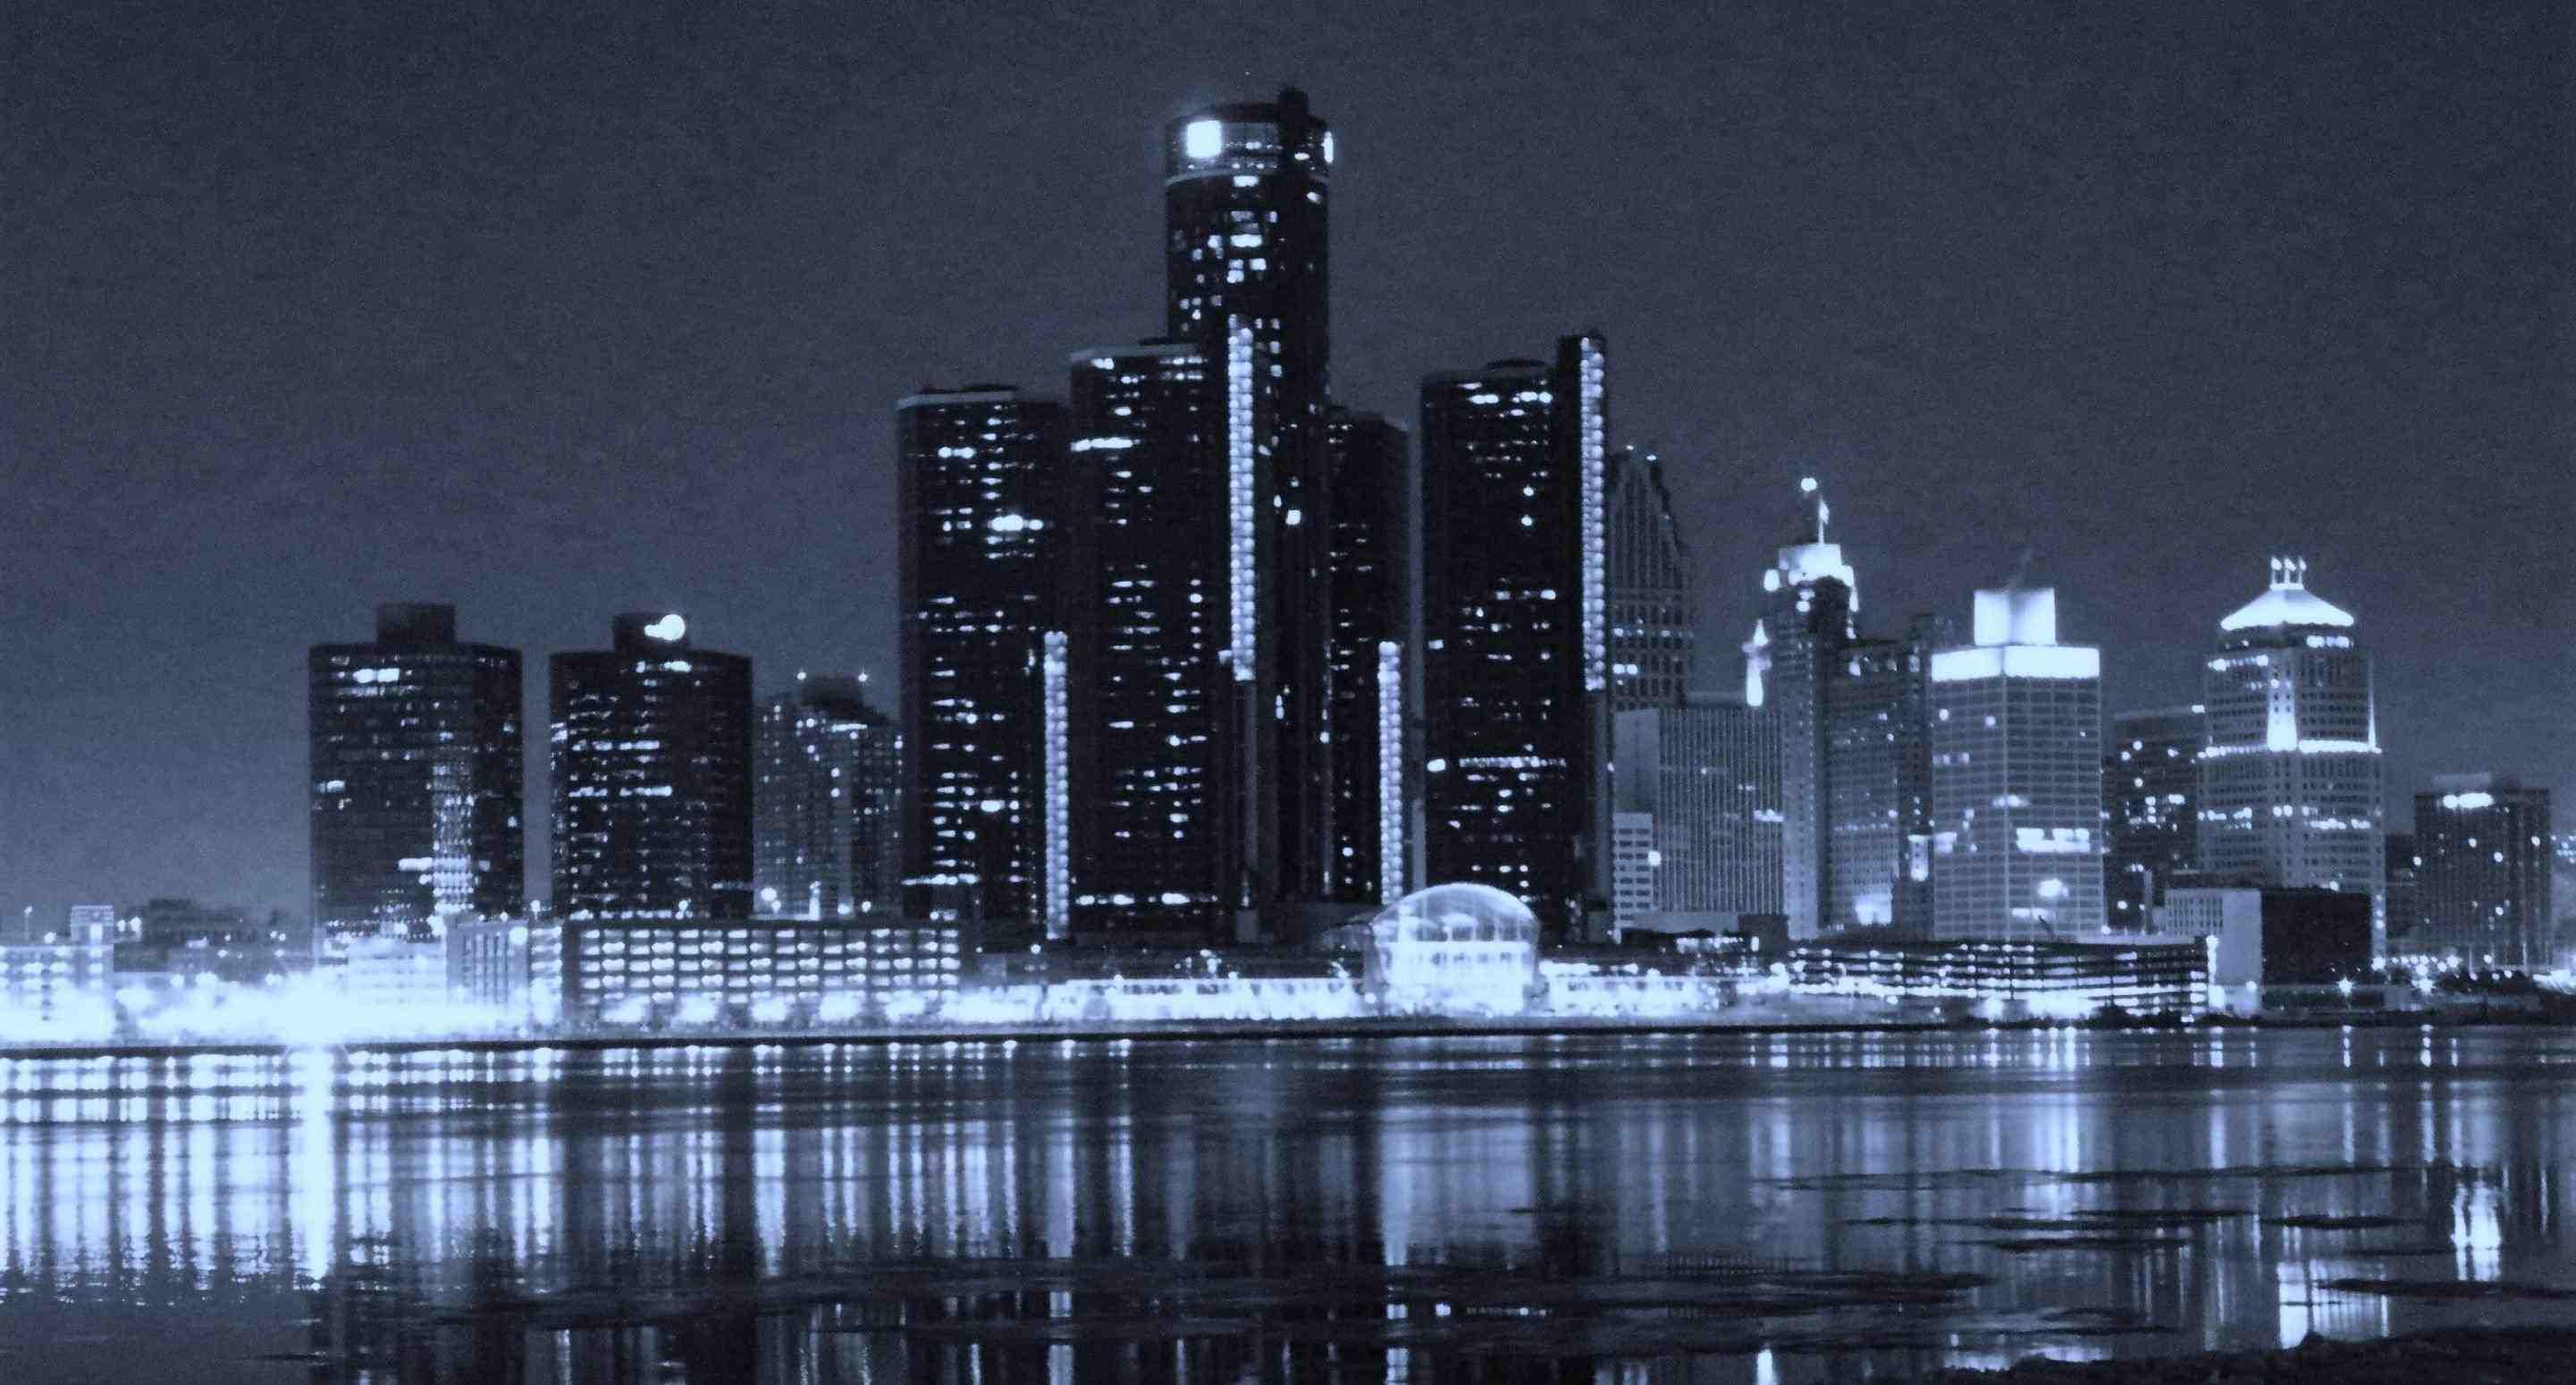 Detroit City Wallpapers   Top Detroit City Backgrounds 2882x1549